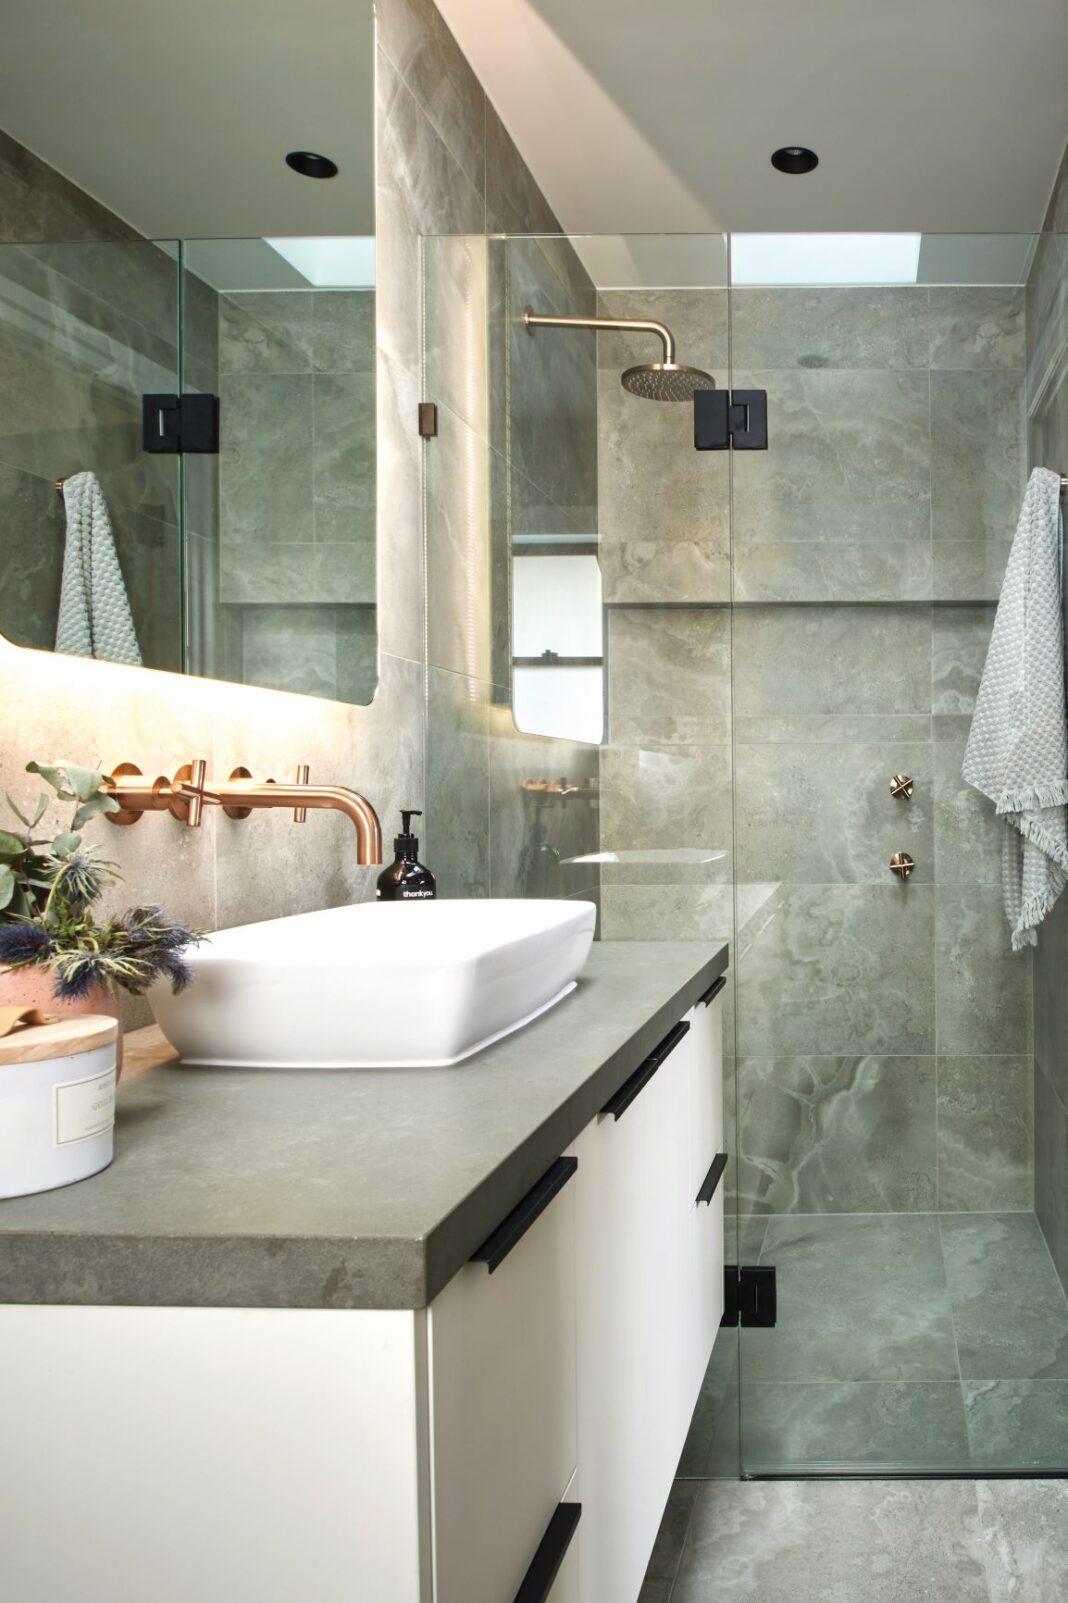 sleek bathroom with large mirror